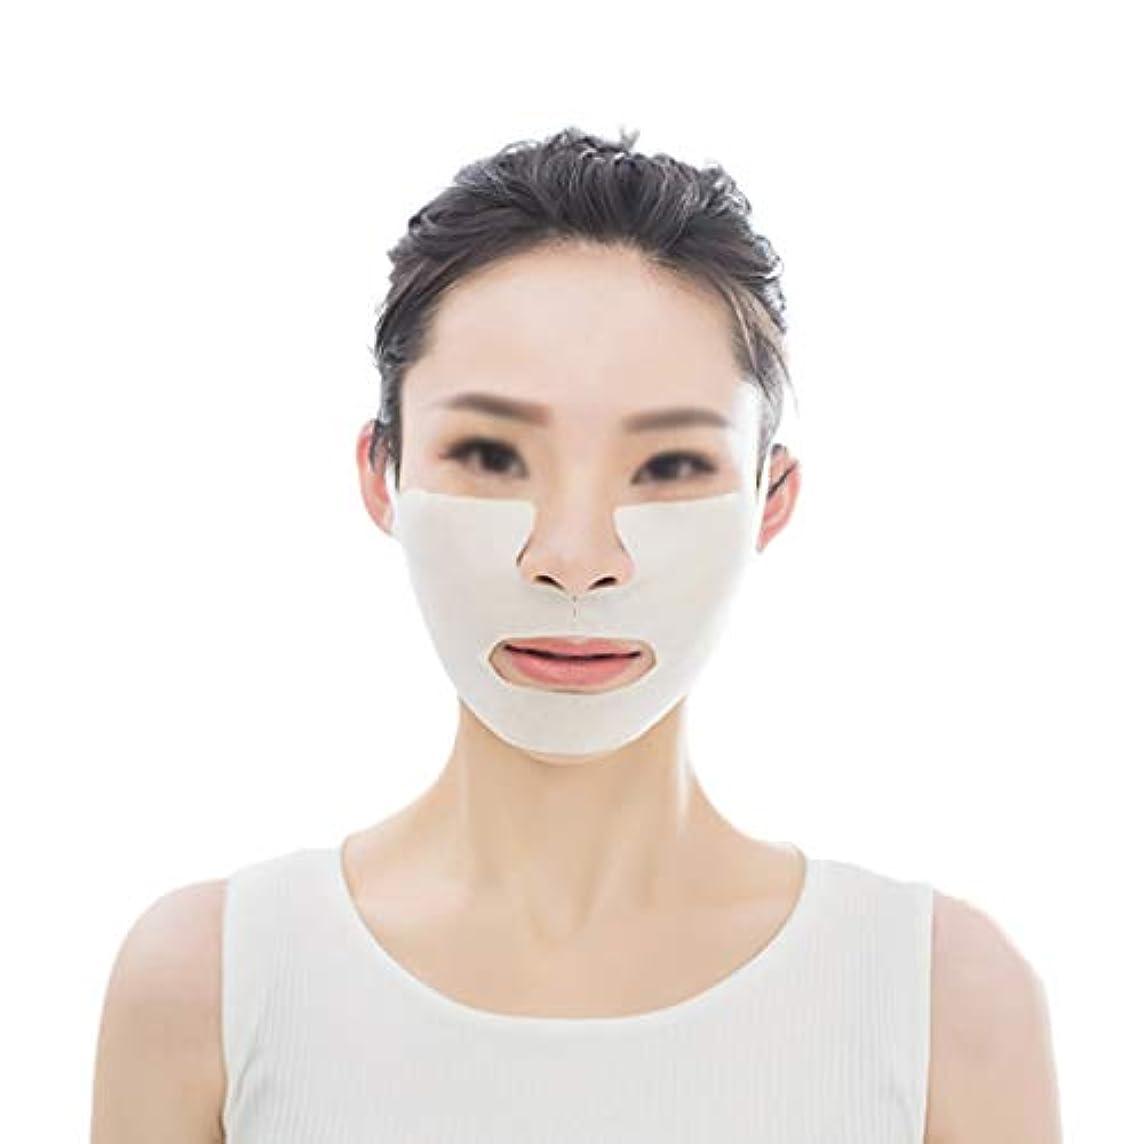 起きる計算するまろやかなフェイシャルスリミング、薄いフェイスマスク、下顎咬筋のあごを改善してフェイシャルラインを形成する、5箱、フェイスマスクの3箱